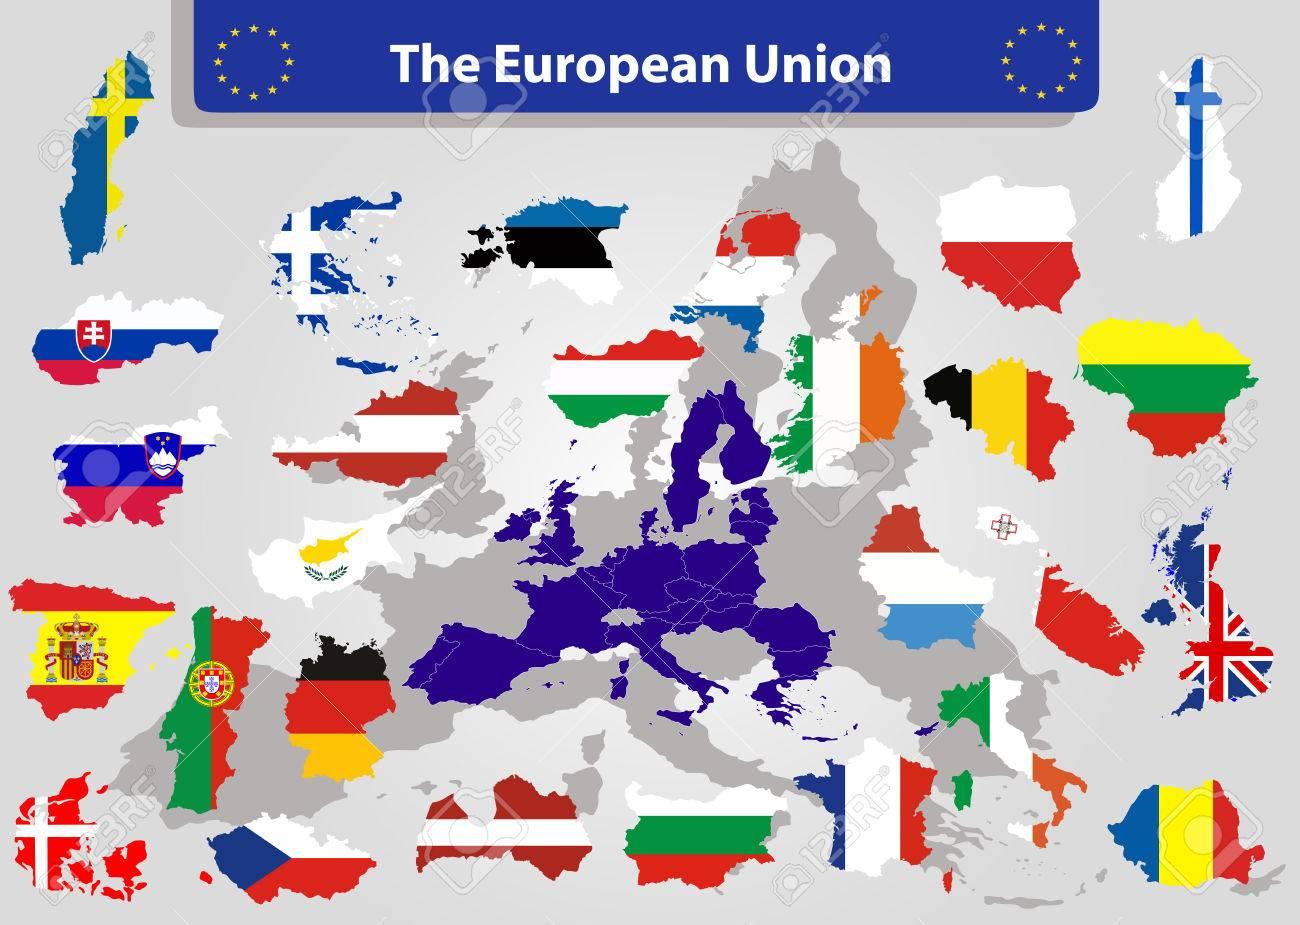 La Carte De L'union Européenne Et Tous Les Pays Drapeaux Des Pays Membres  De L'union Européenne Superposées Sur Fond De Carte avec Carte Des Pays Membres De L Ue